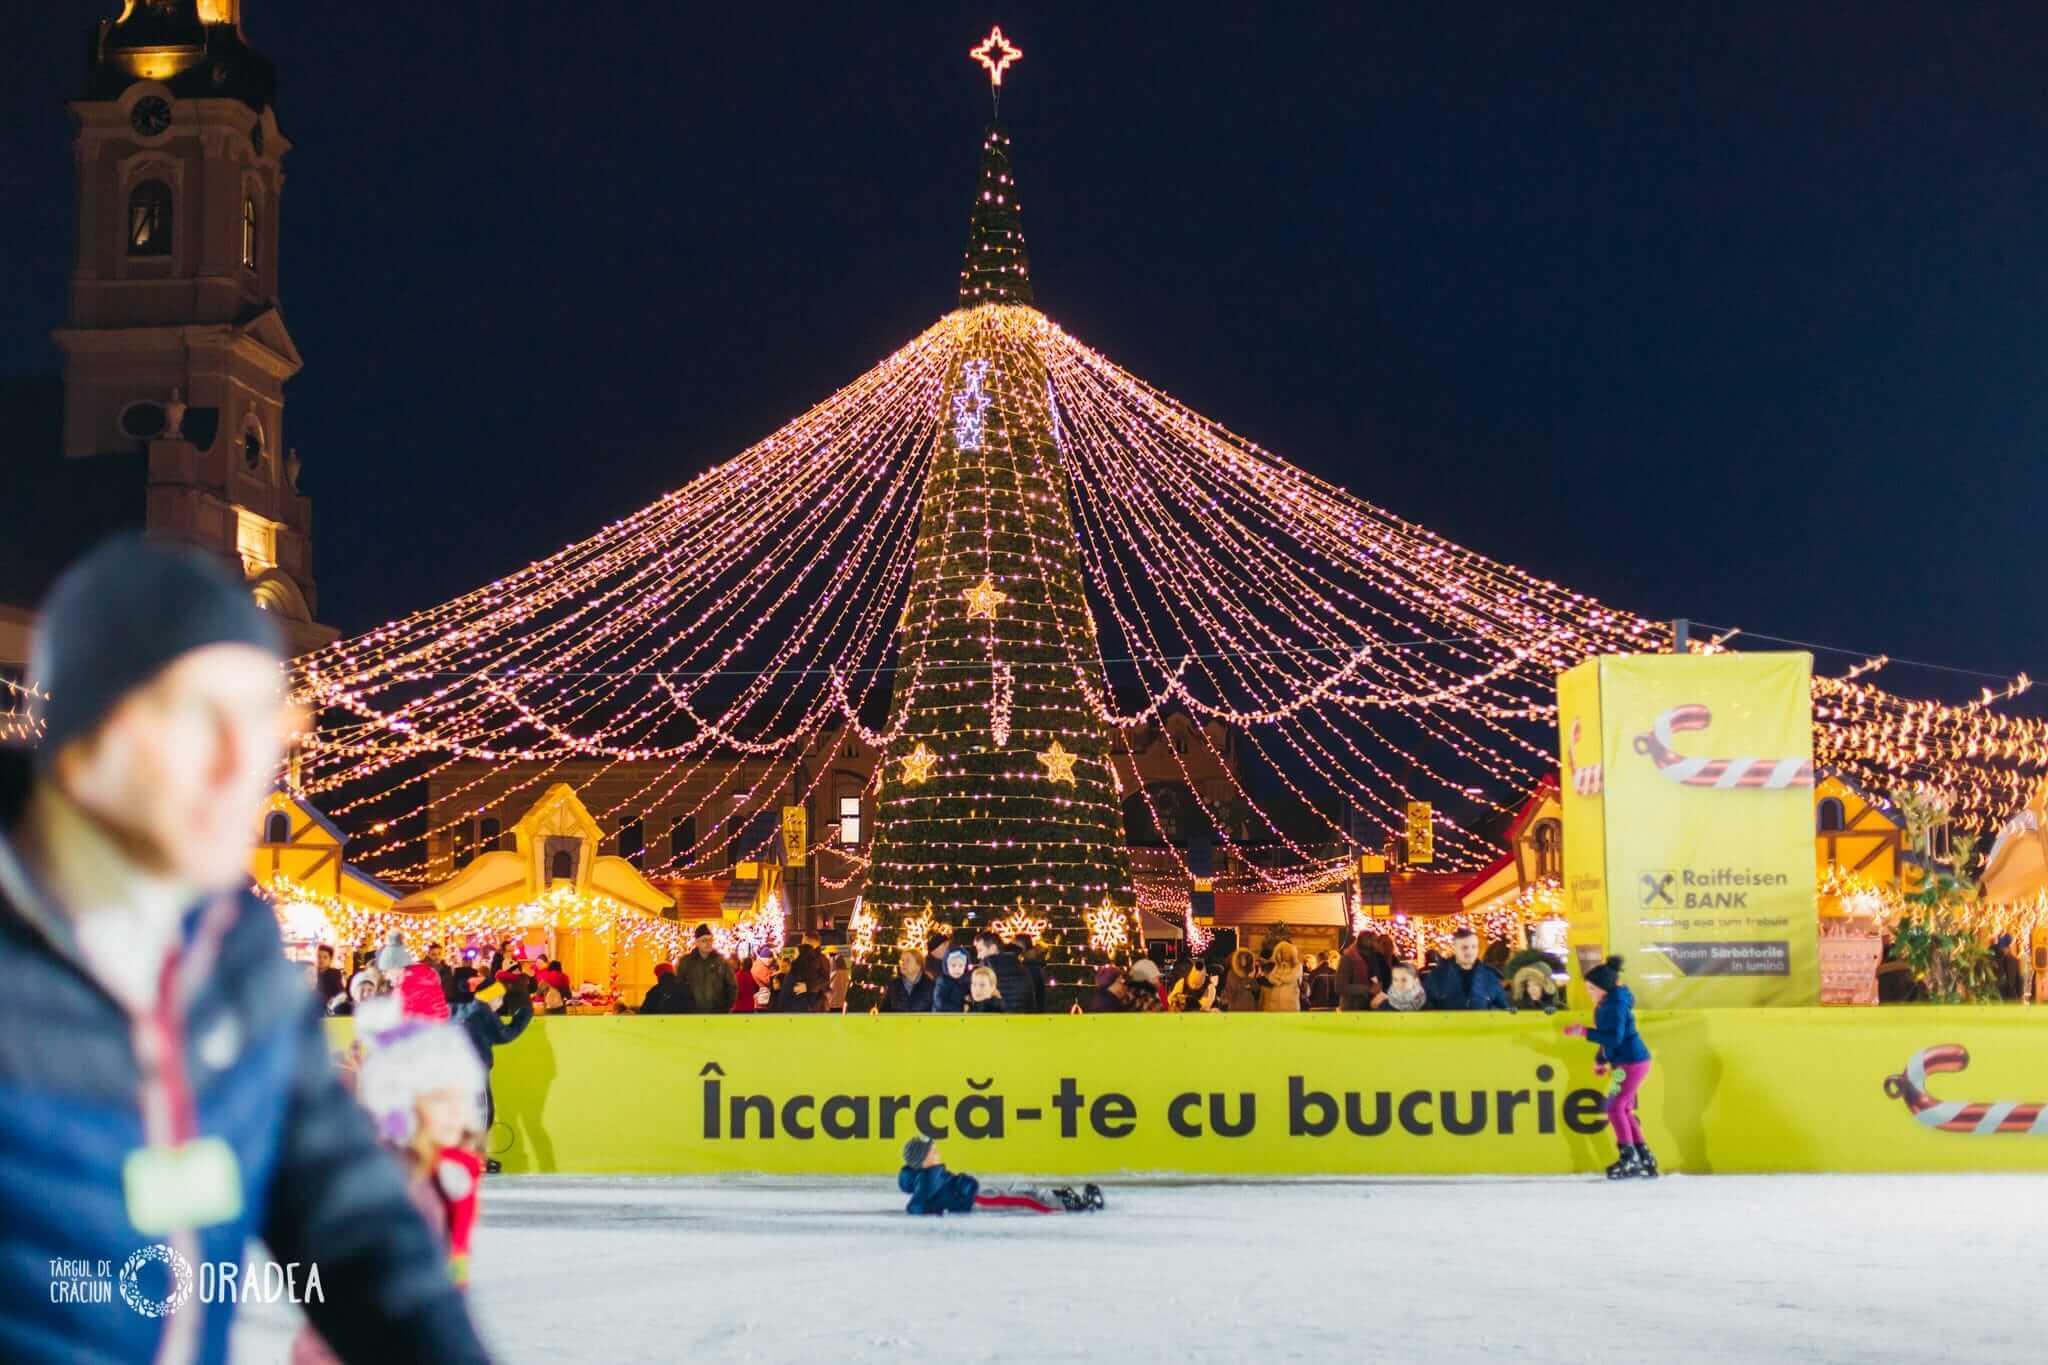 targul-de-craciun-oradea-2018-25